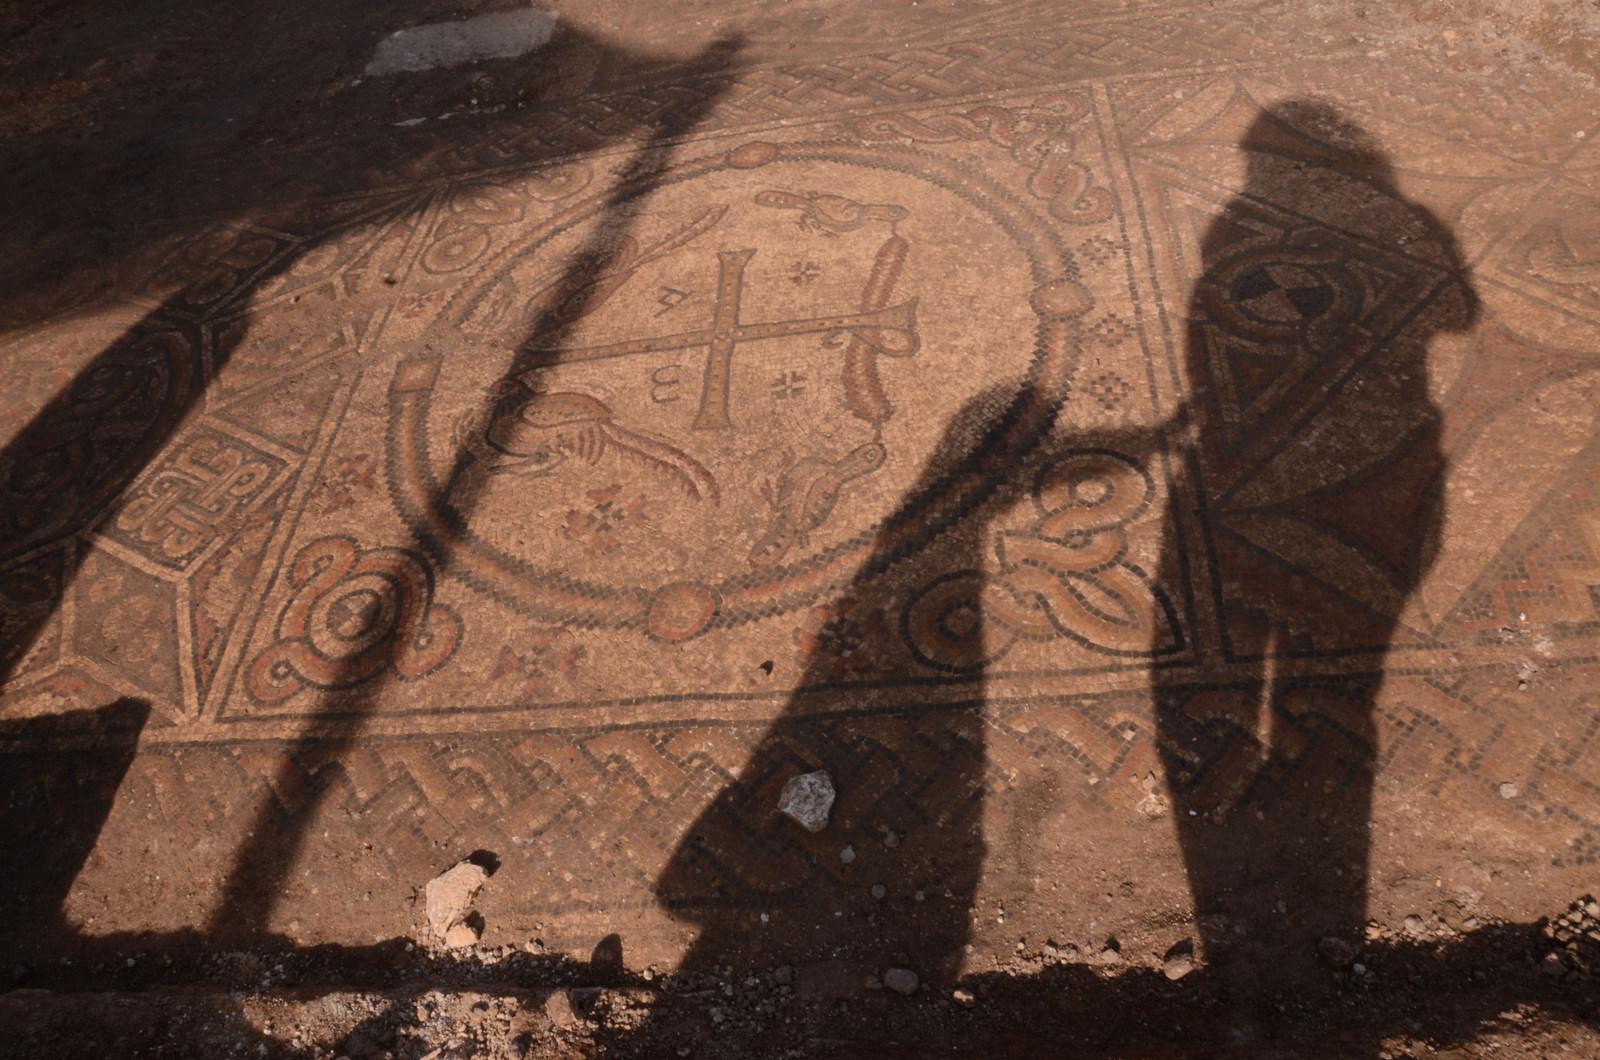 חשיפת שרידי הכנסייה באלומה - צילום: יוֹלי שוורץ, באדיבות רשות העתיקות